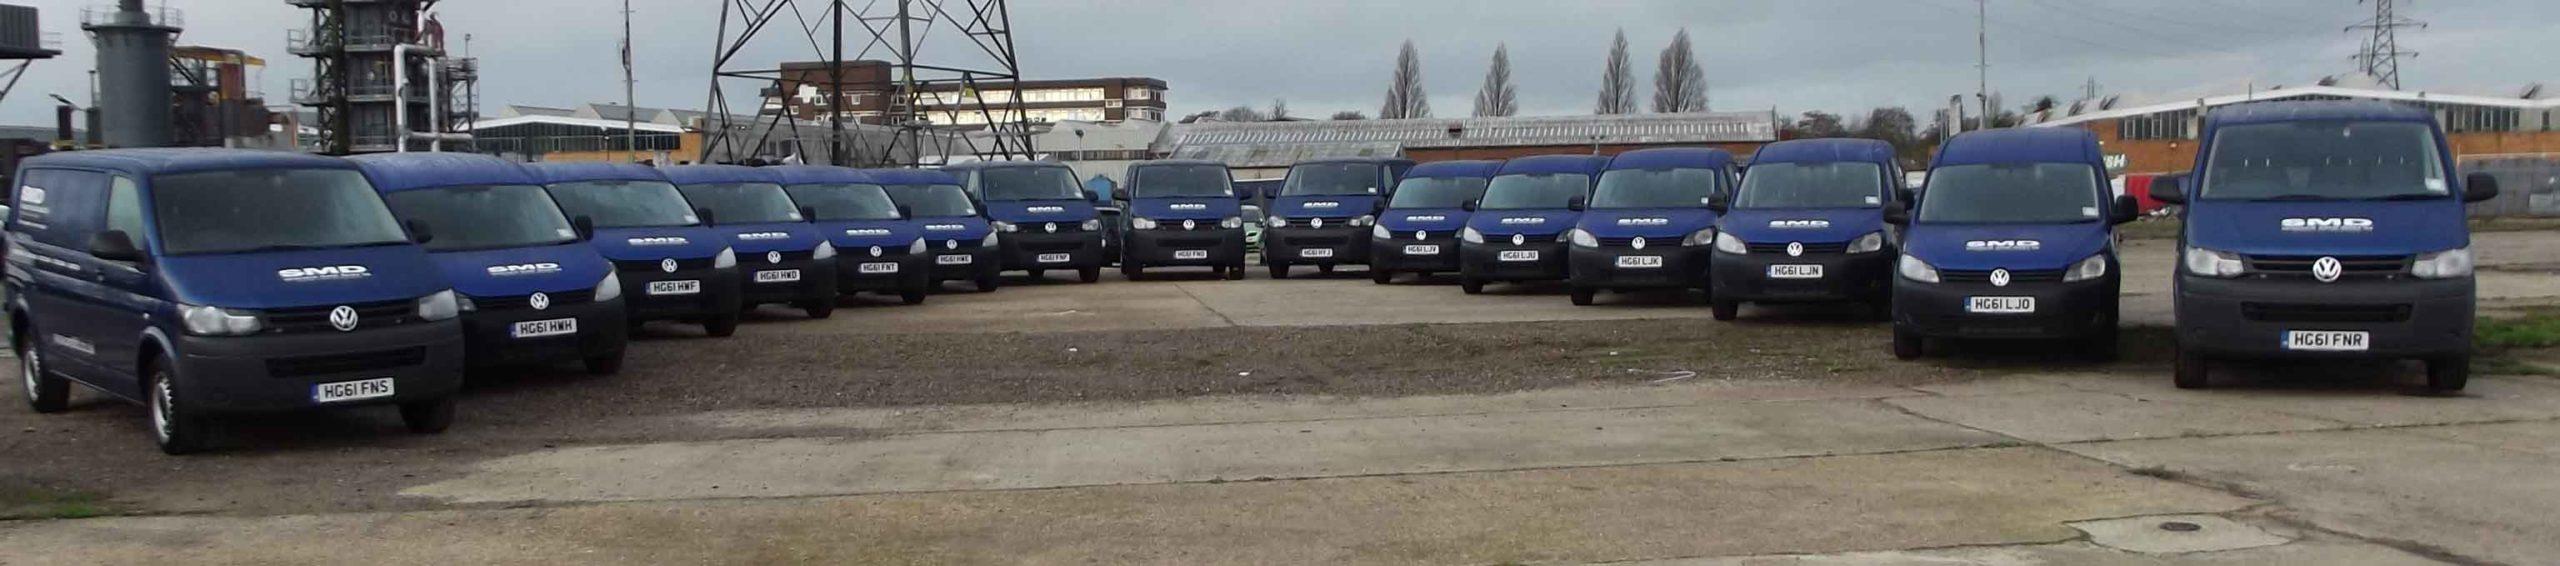 SMD van fleet